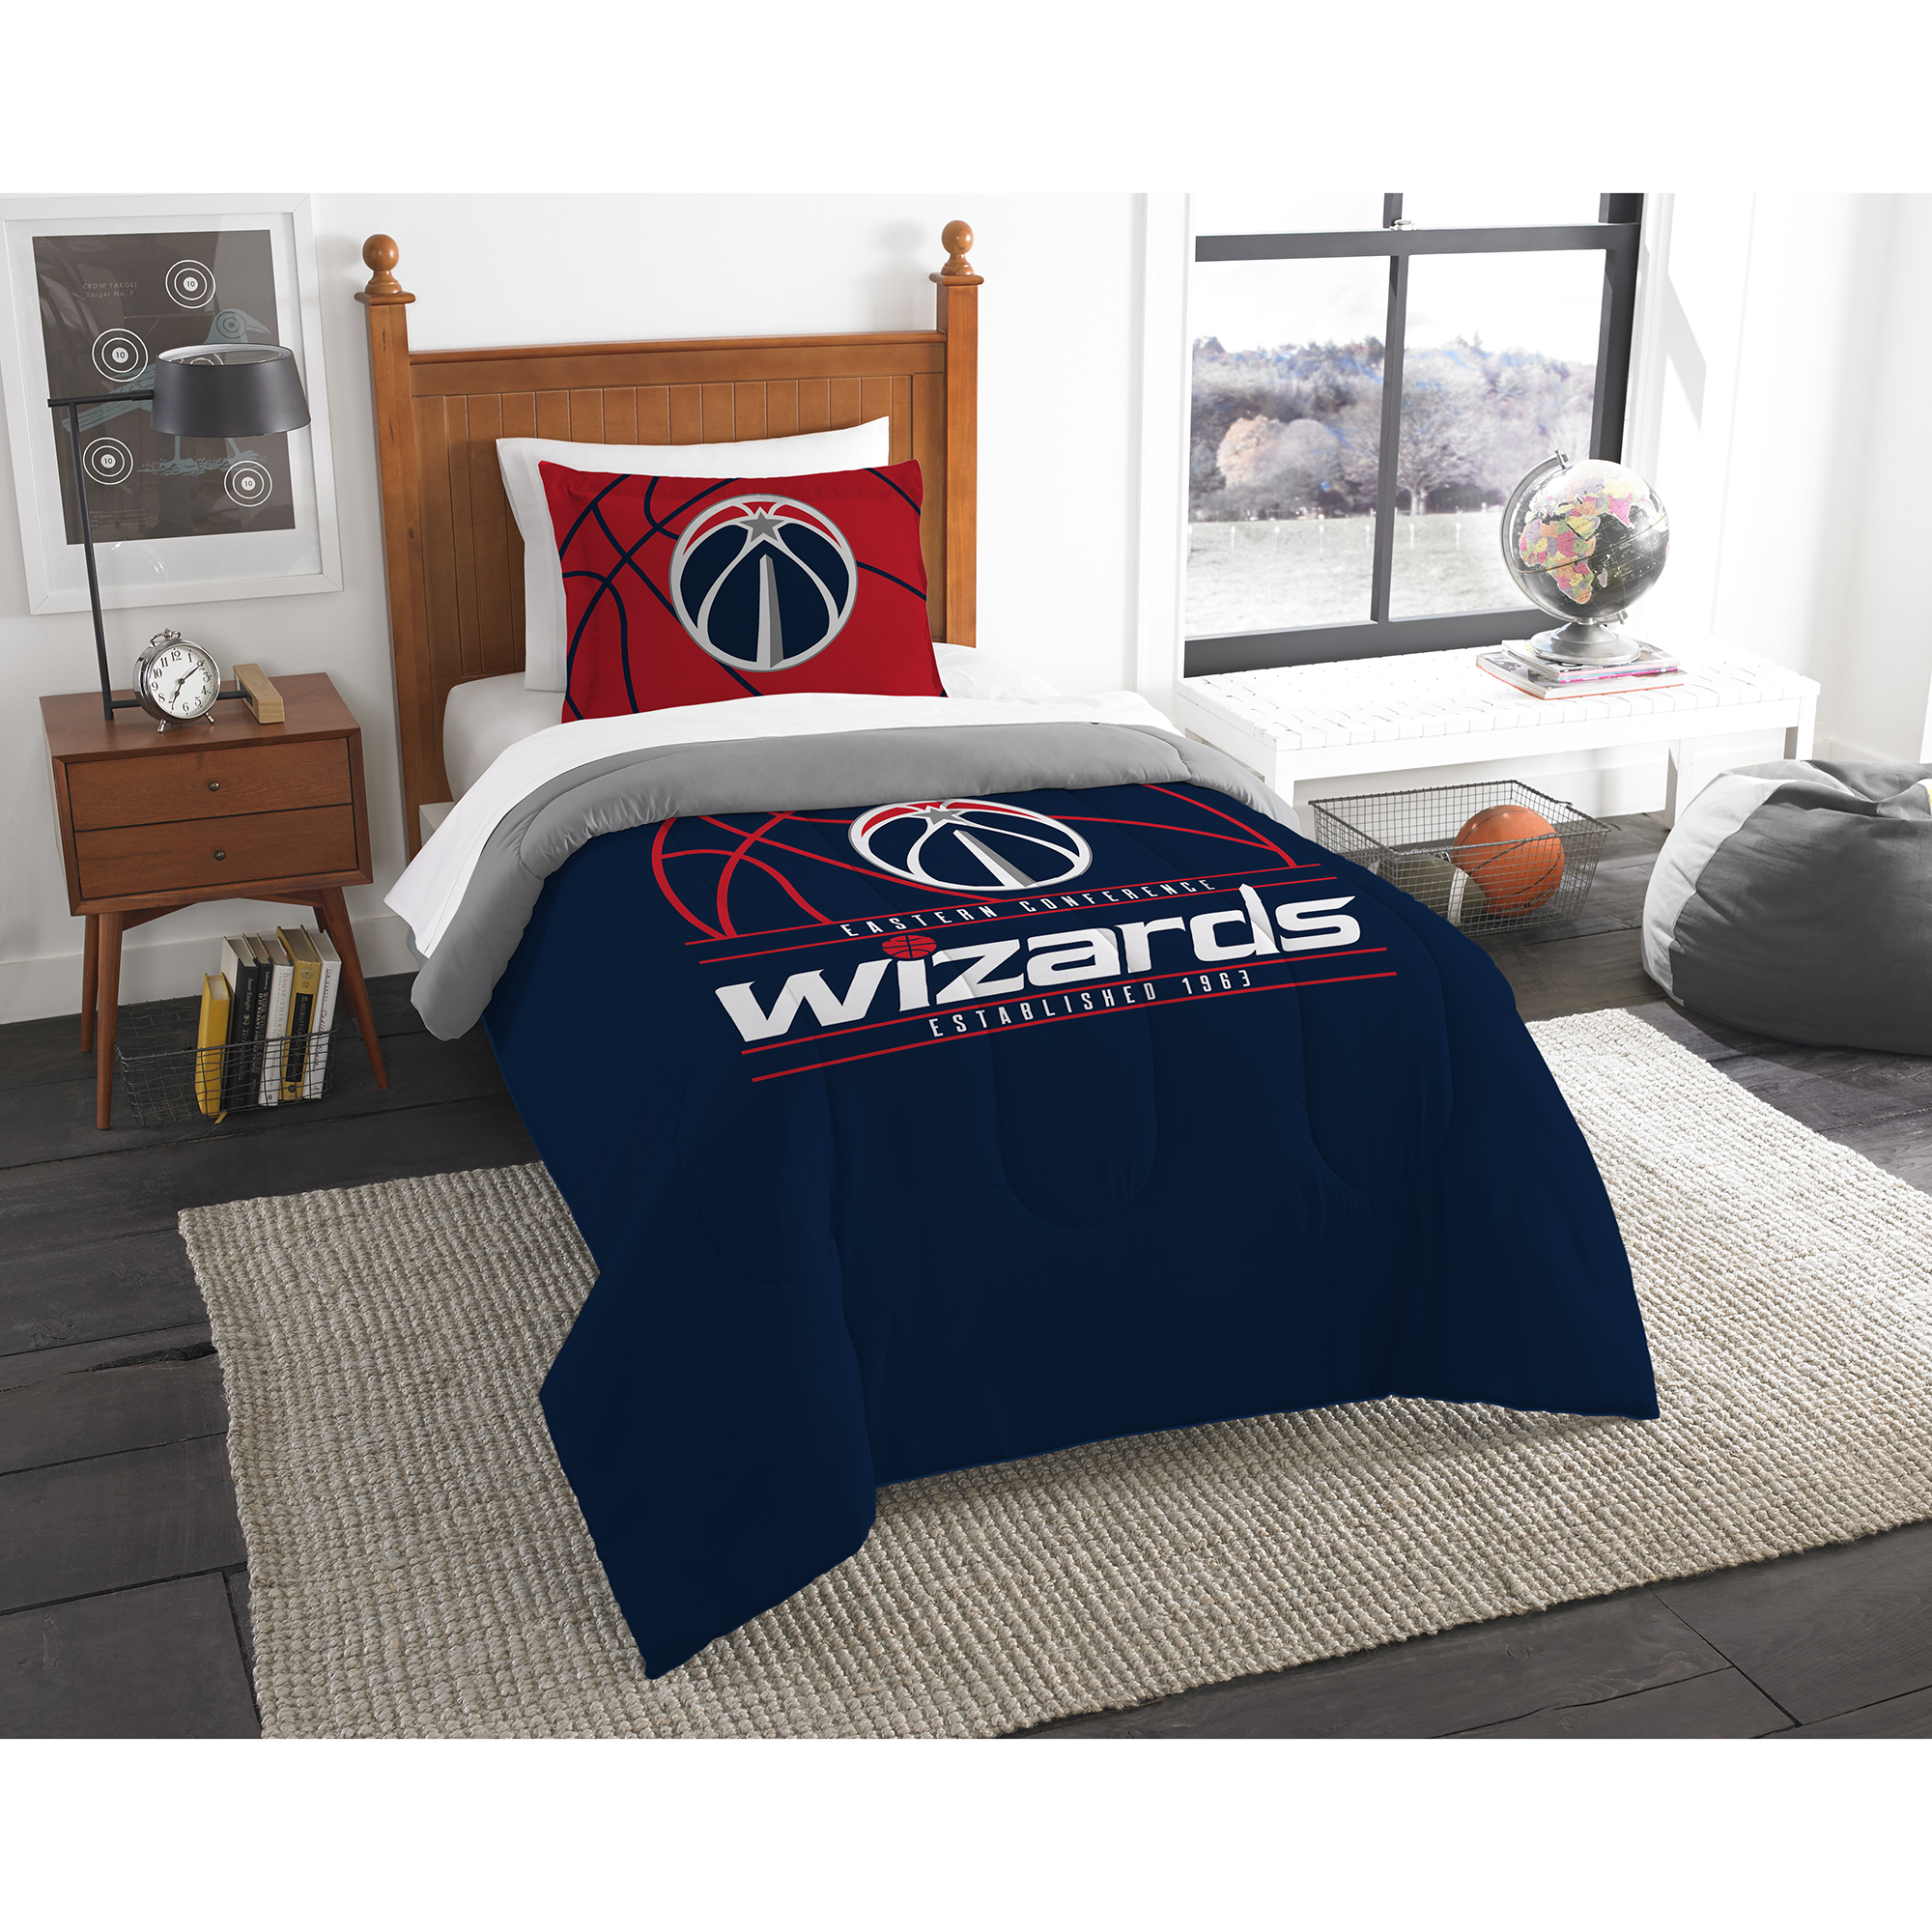 Washington Wizards The Northwest Company Reverse Slam Twin Comforter Set - No Size